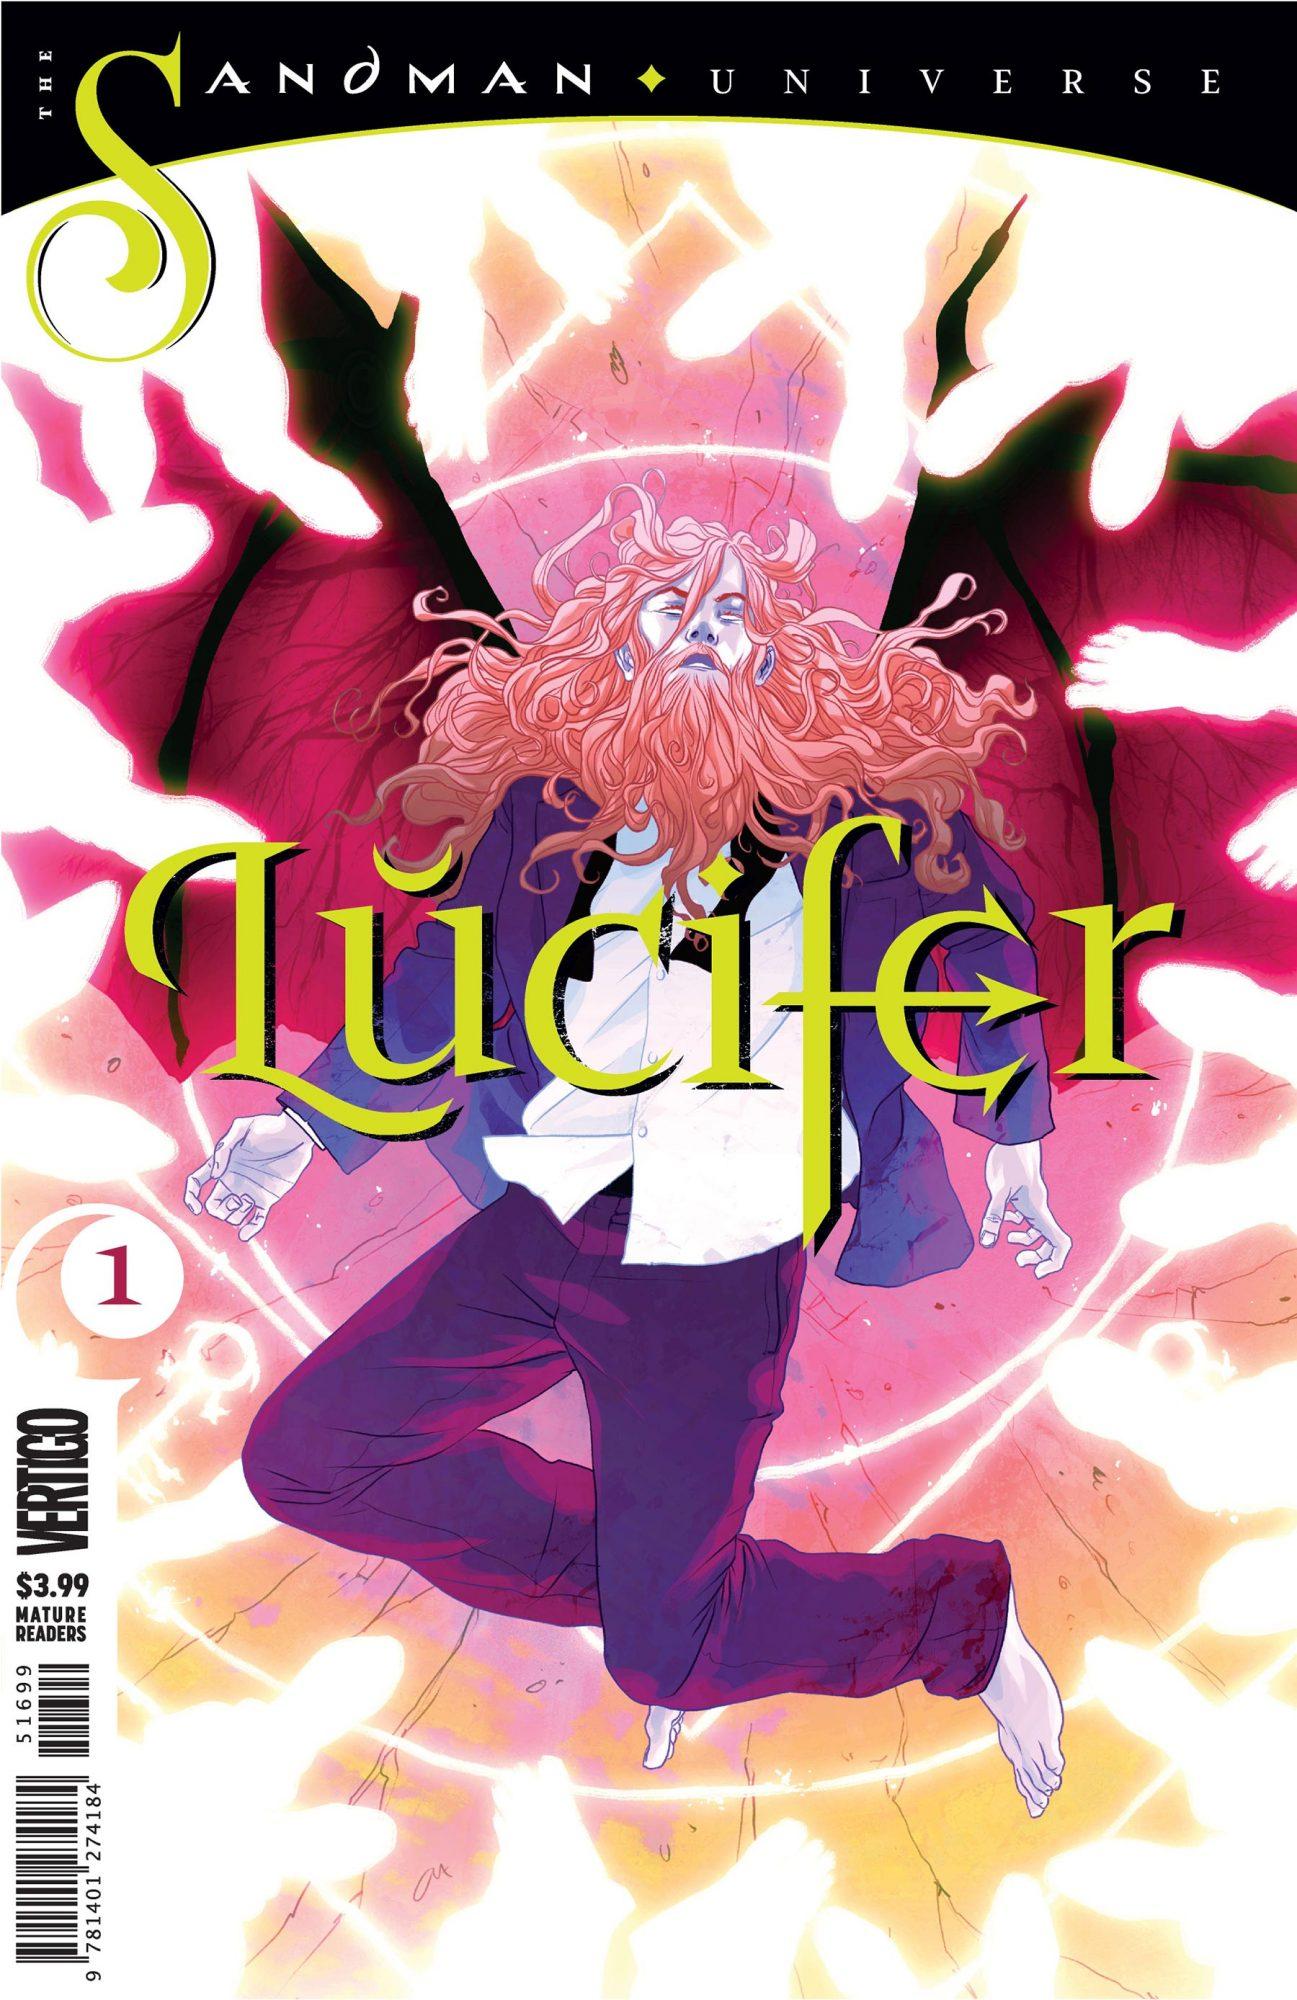 Sandman Universe LuciferCR: DC Entertainment